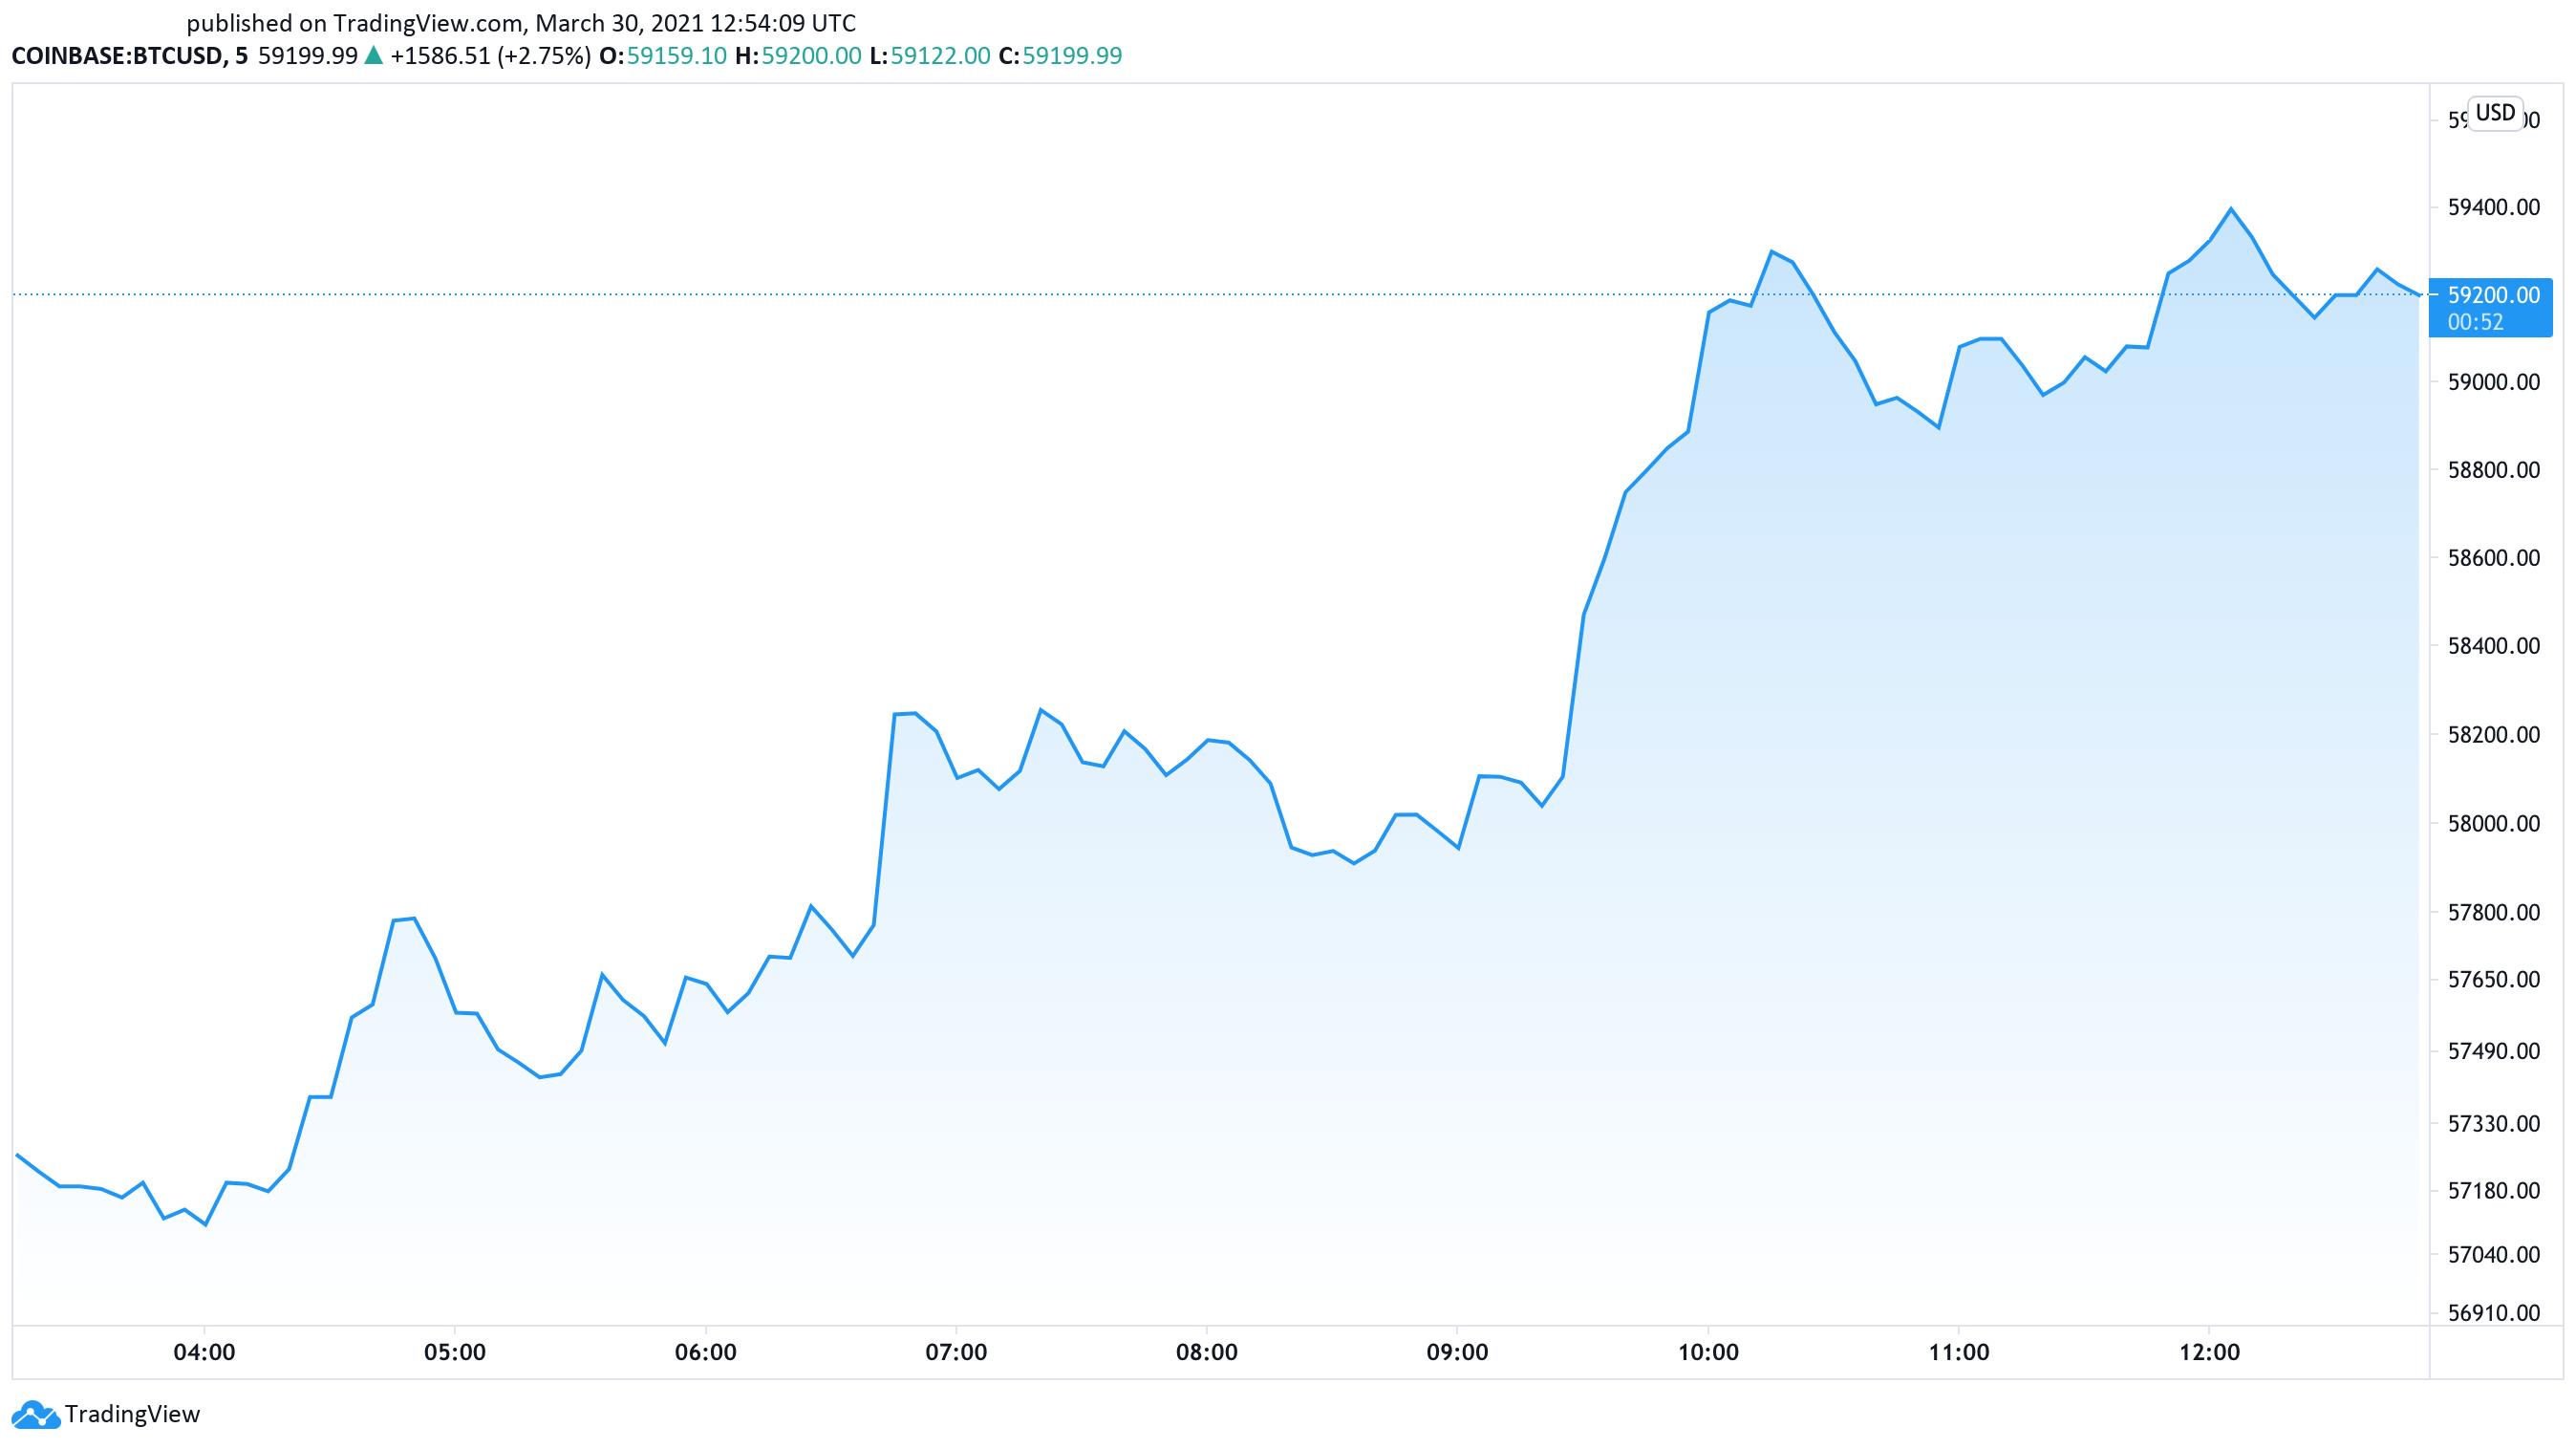 Bitcoin US dollar price chart